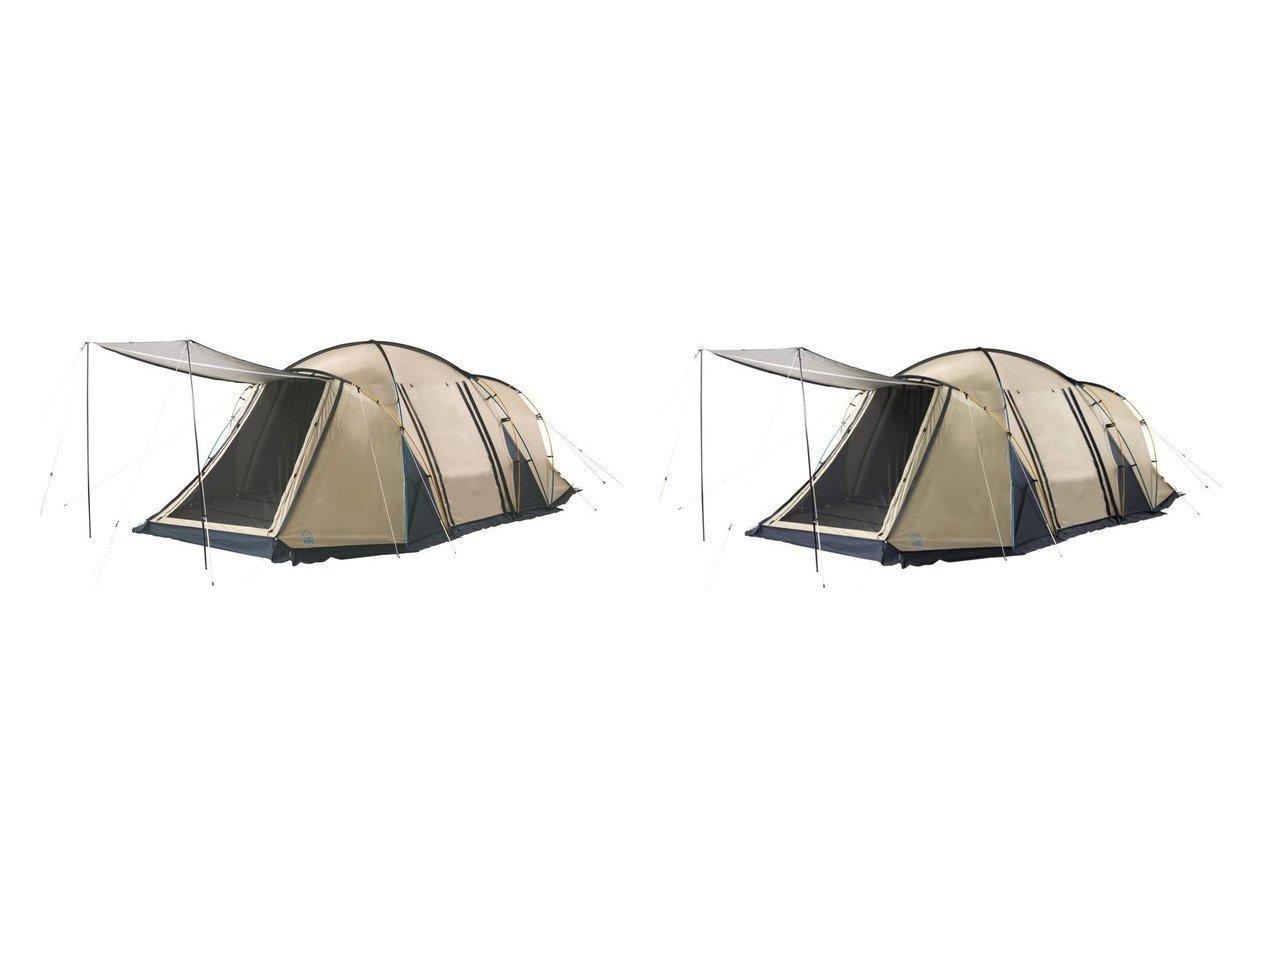 【Whole Earth/ホールアース】の(対象外地域有)ファミリーテント 2ルーム テント 3~4人用 EARTH DURA 2ルーム+ WE23DA07 SBEG&テント ファミリー キャンプ EARTH DURA 2ルーム+ WE23DA07 SBEG アウトドア 家族 ツールーム おすすめ!人気キャンプ・アウトドア用品の通販 おすすめで人気の流行・トレンド、ファッションの通販商品 メンズファッション・キッズファッション・インテリア・家具・レディースファッション・服の通販 founy(ファニー) https://founy.com/ インナー 春 Spring コーティング シルバー S/S・春夏 SS・Spring/Summer 送料無料 Free Shipping アウトドア ホーム・キャンプ・アウトドア Home,Garden,Outdoor,Camping Gear キャンプ用品・アウトドア  Camping Gear & Outdoor Supplies テント タープ Tents, Tarp |ID:crp329100000034775